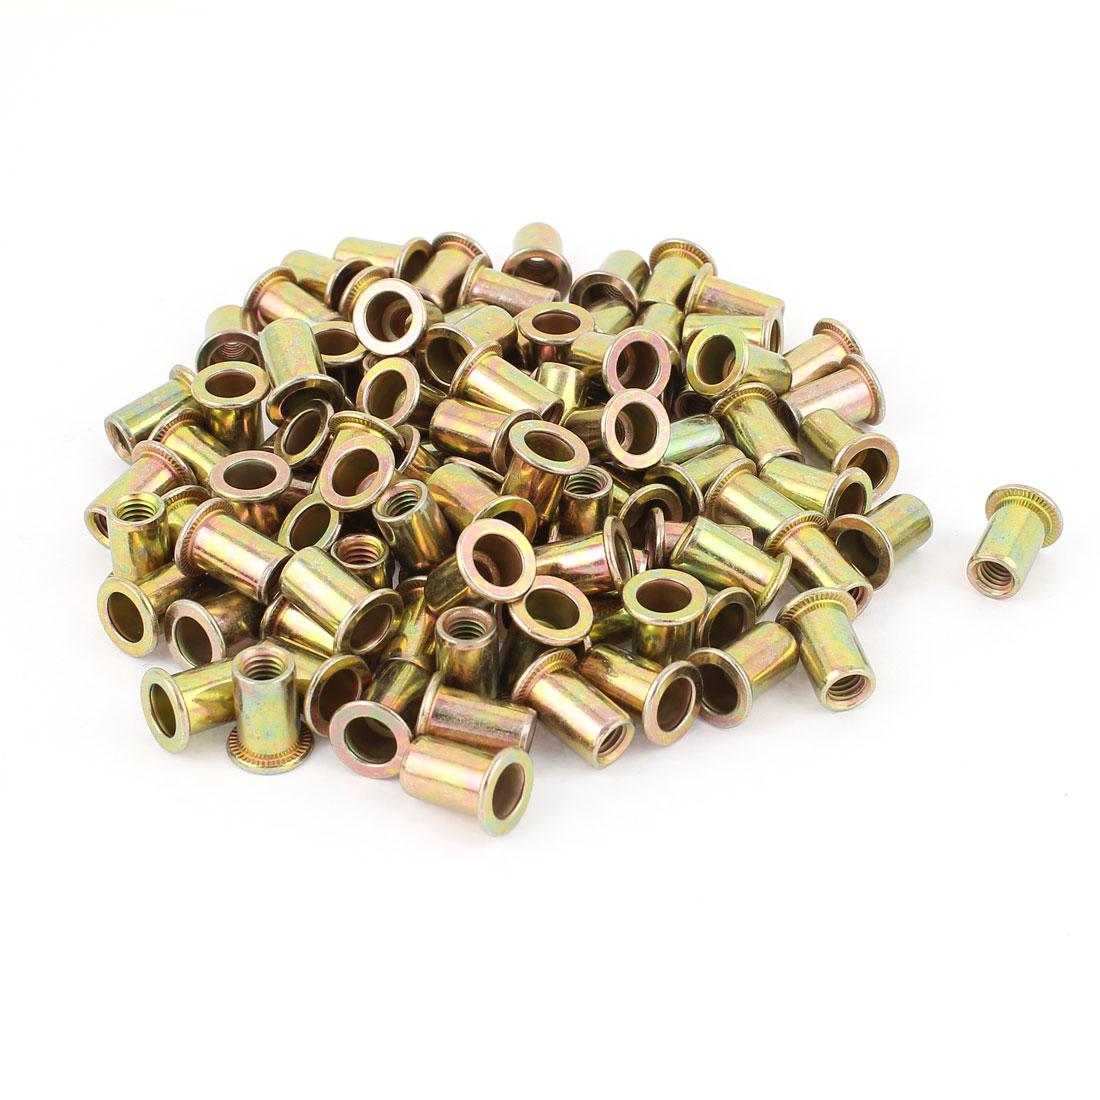 6mm Thread Dia Zinc Plated Rivet Nut Insert Nutsert Brass Tone 100Pcs